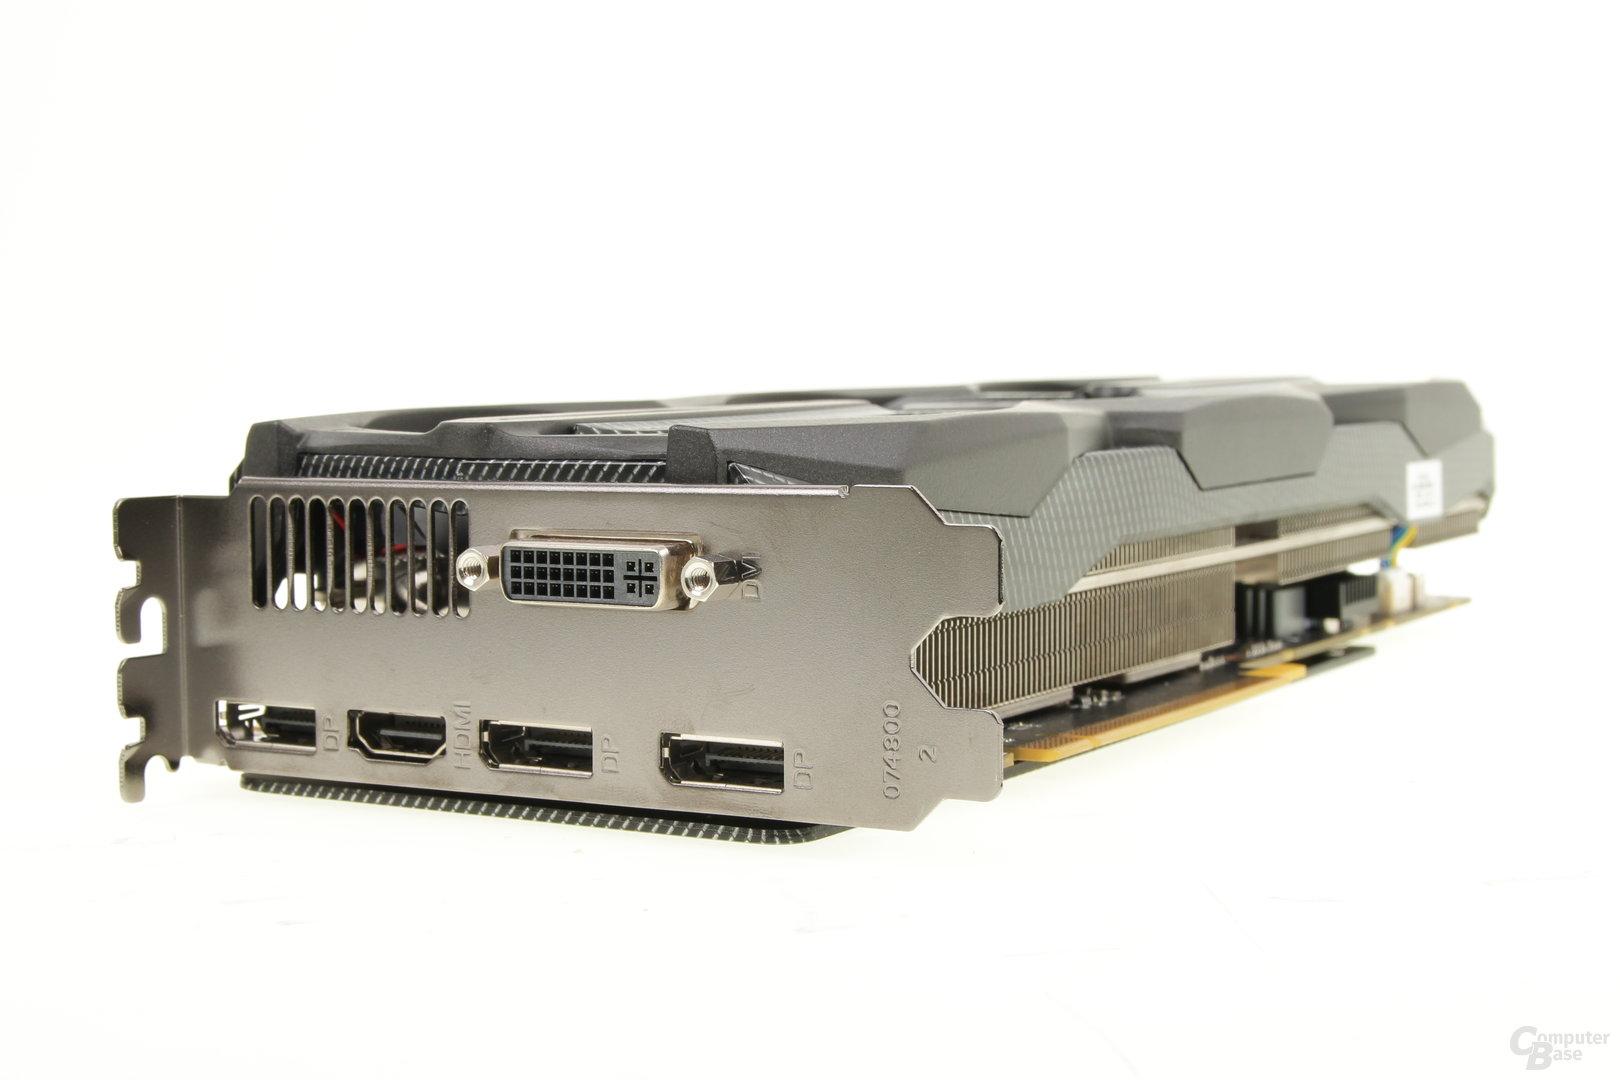 Zotac GeForce GTX 970 Extreme – Anschlüsse